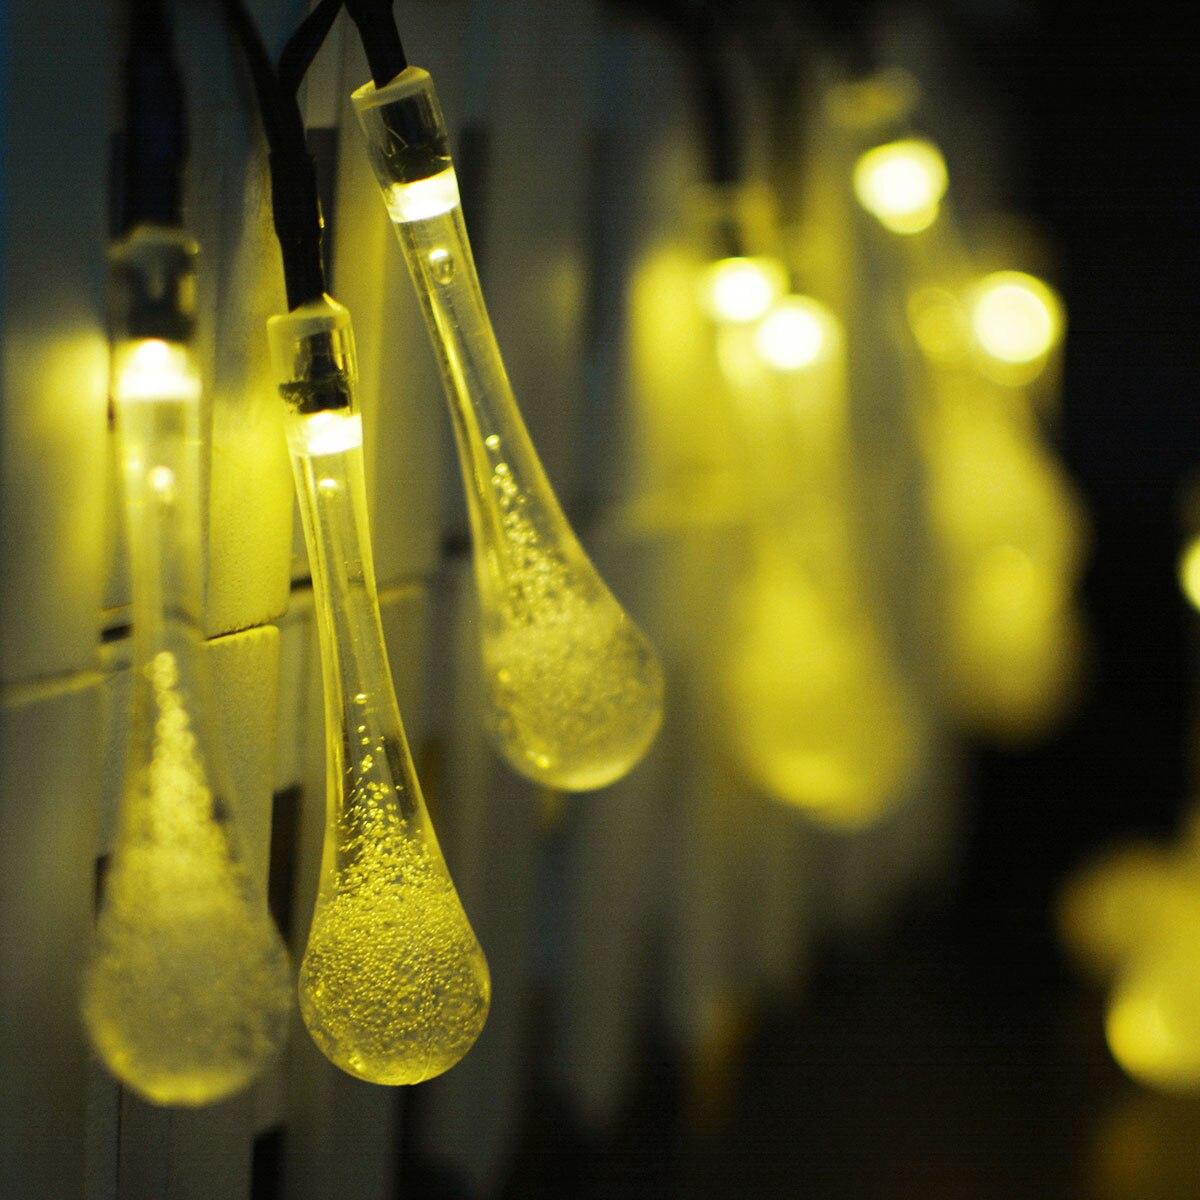 iluminación de 30 impermeable, 6